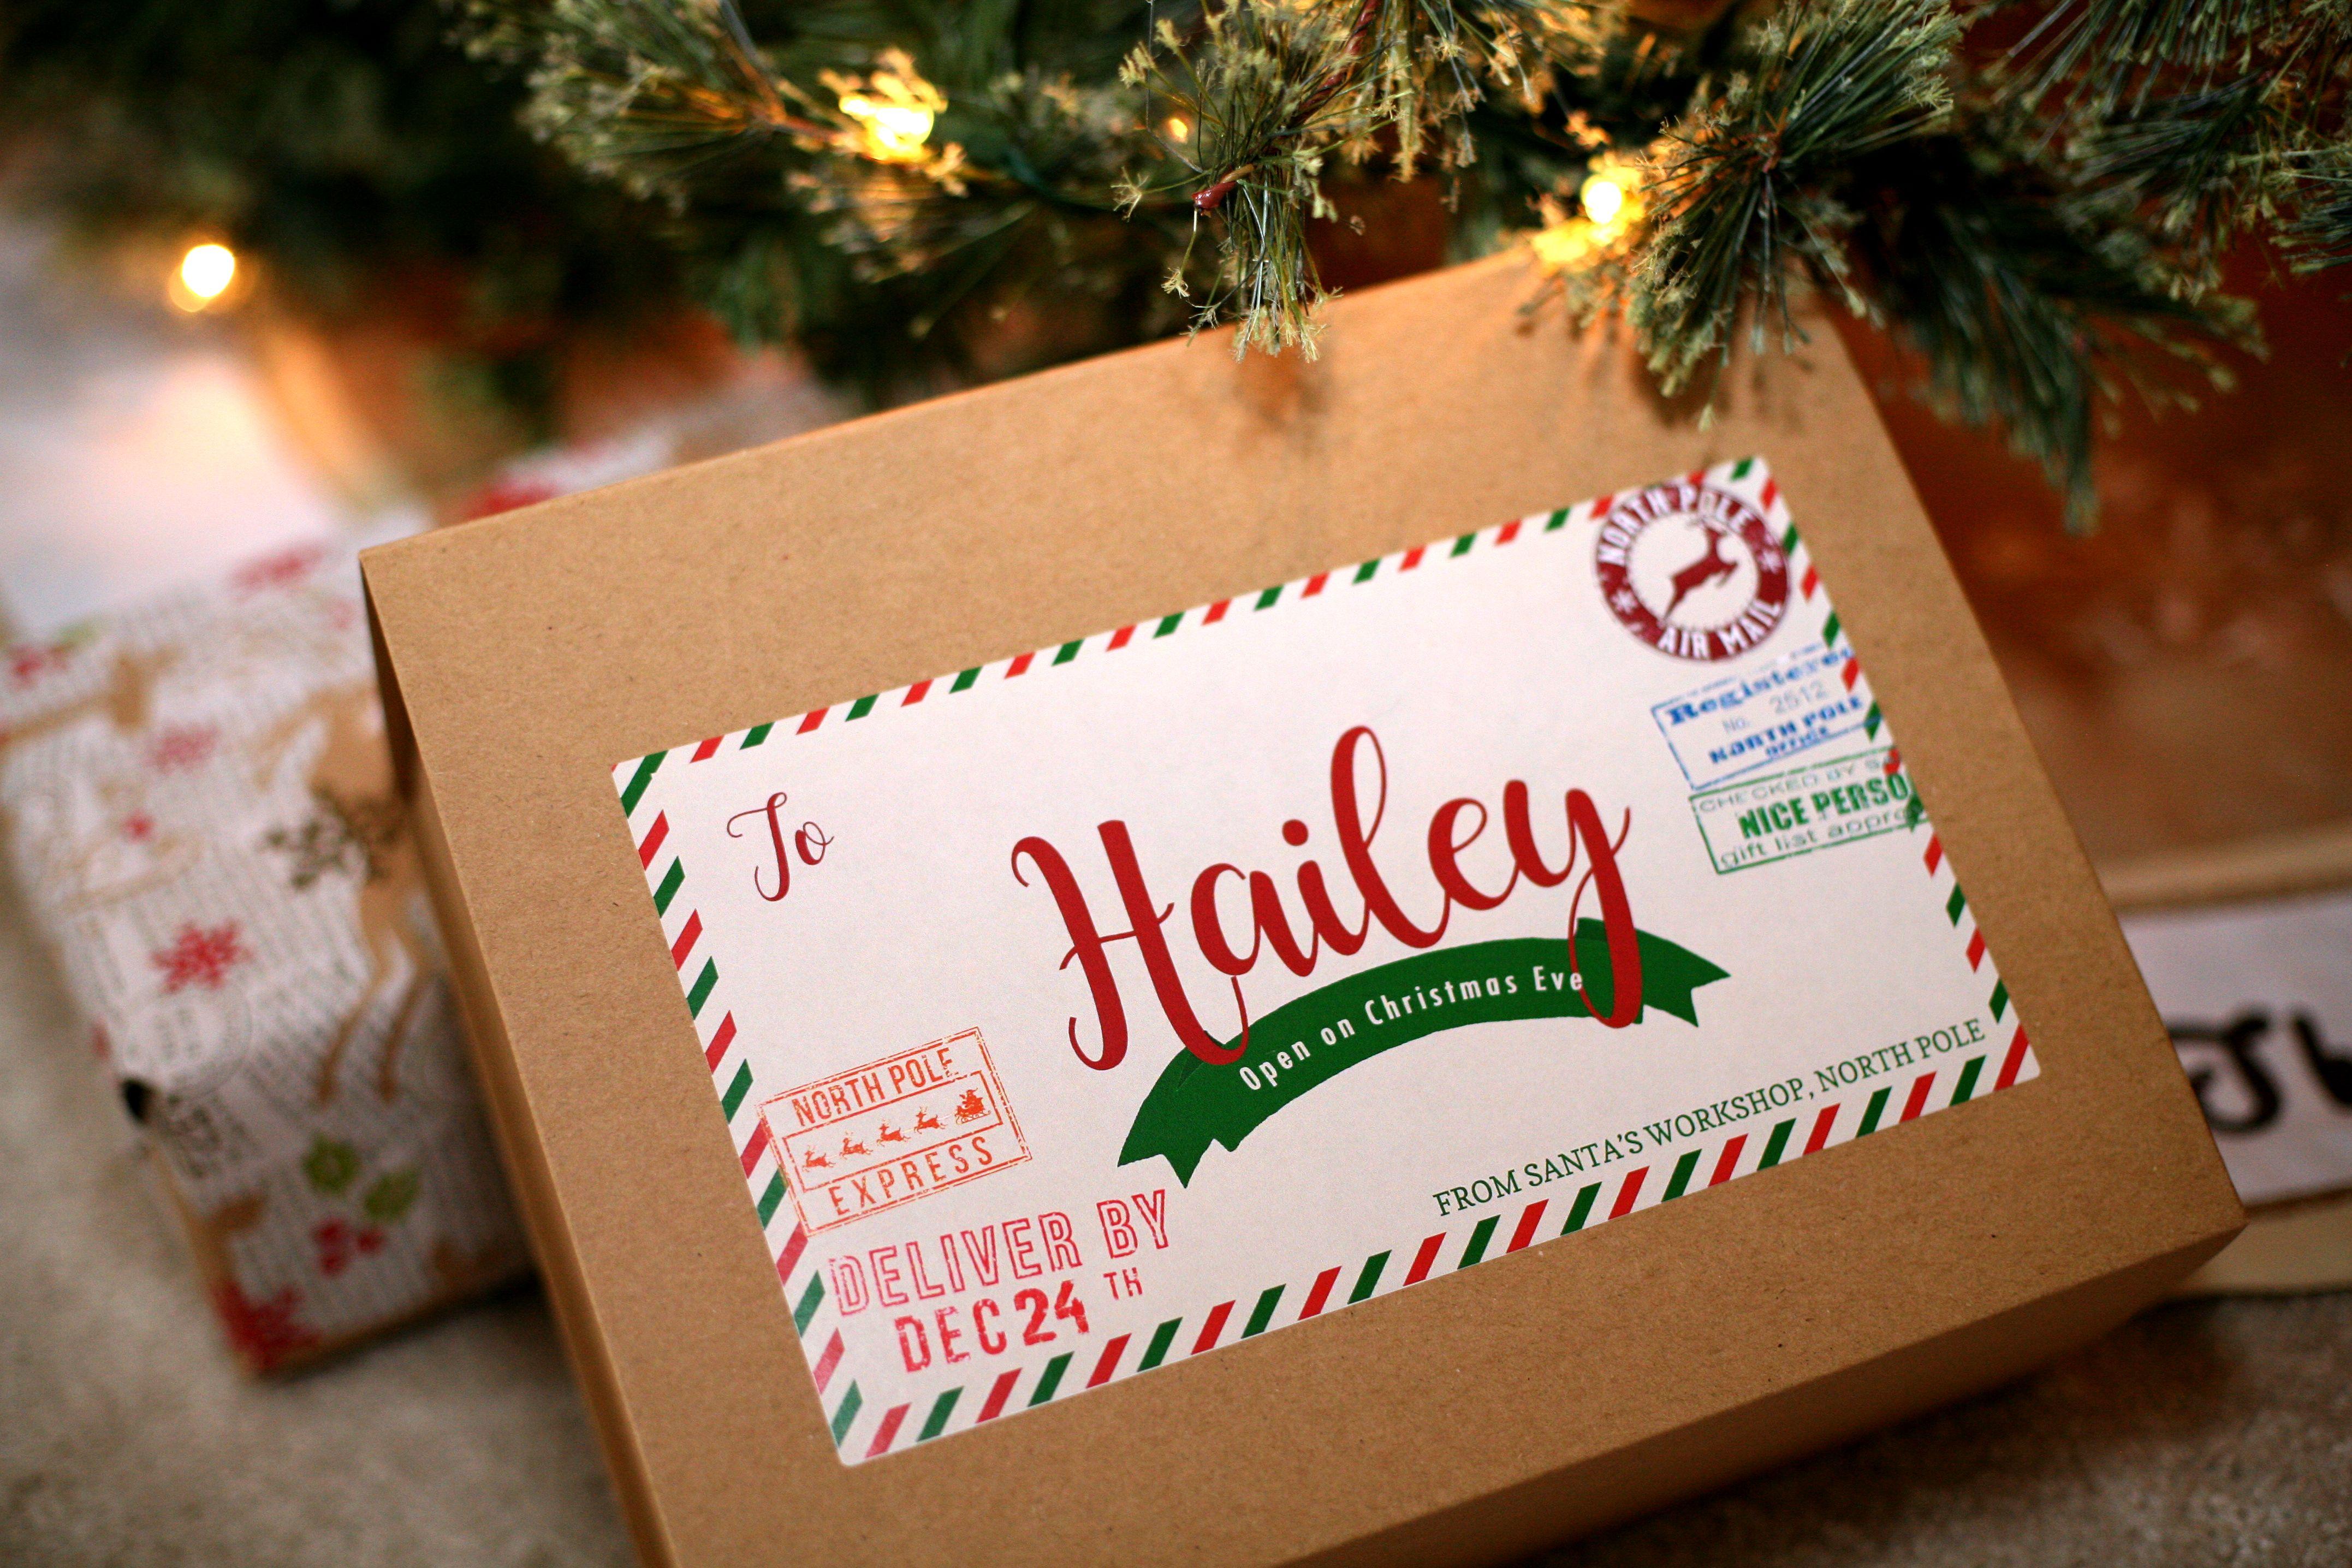 Good christmas eve gift ideas